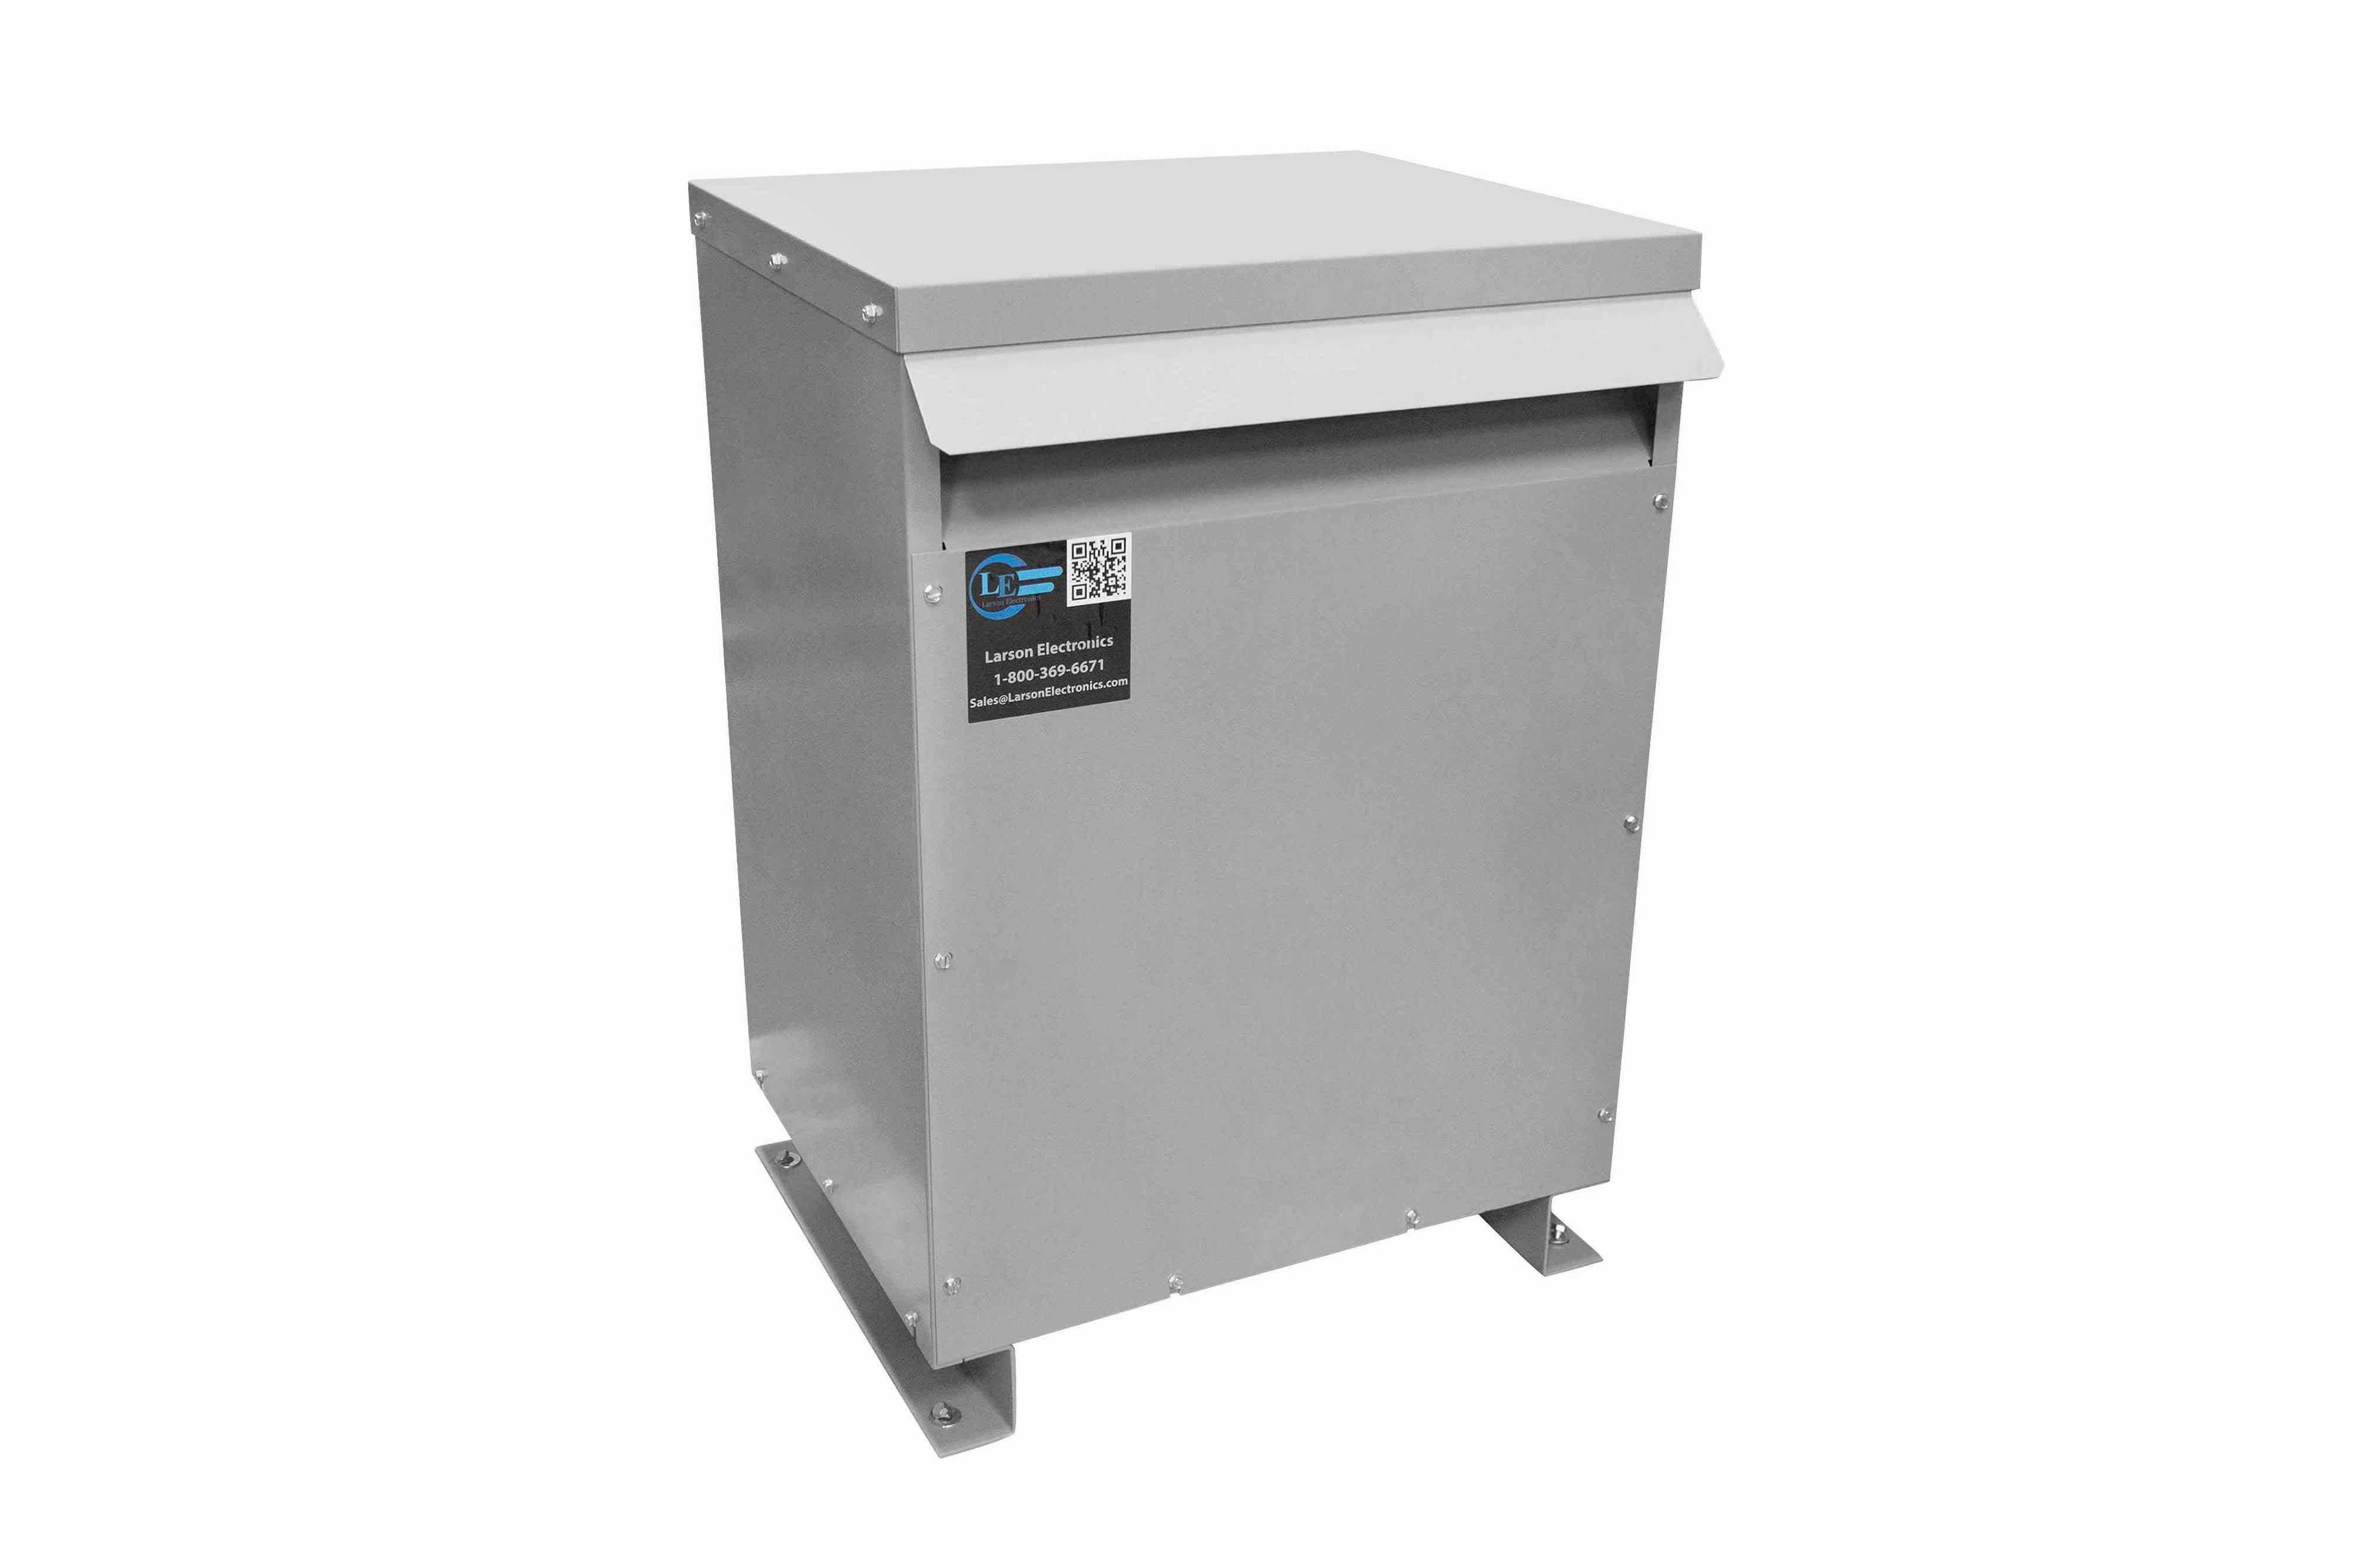 600 kVA 3PH Isolation Transformer, 460V Delta Primary, 380V Delta Secondary, N3R, Ventilated, 60 Hz